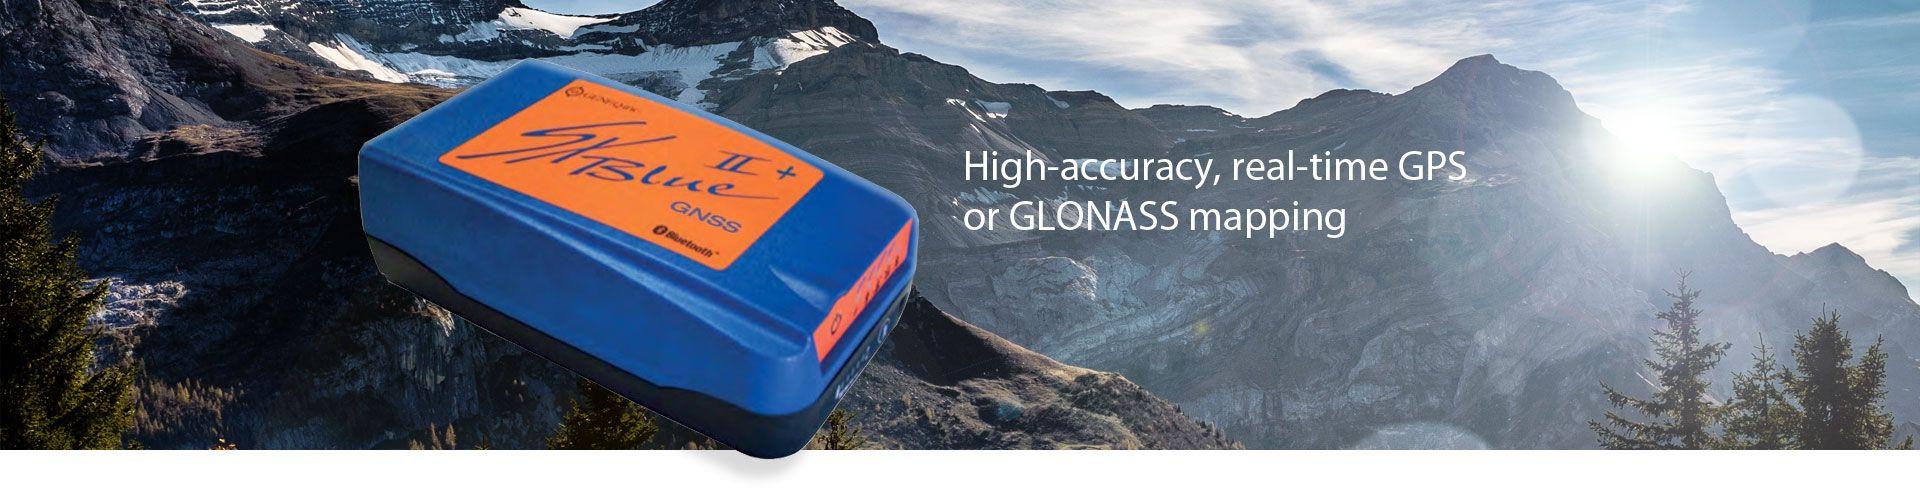 Geneq SXBlue II+ GNSS Receiver